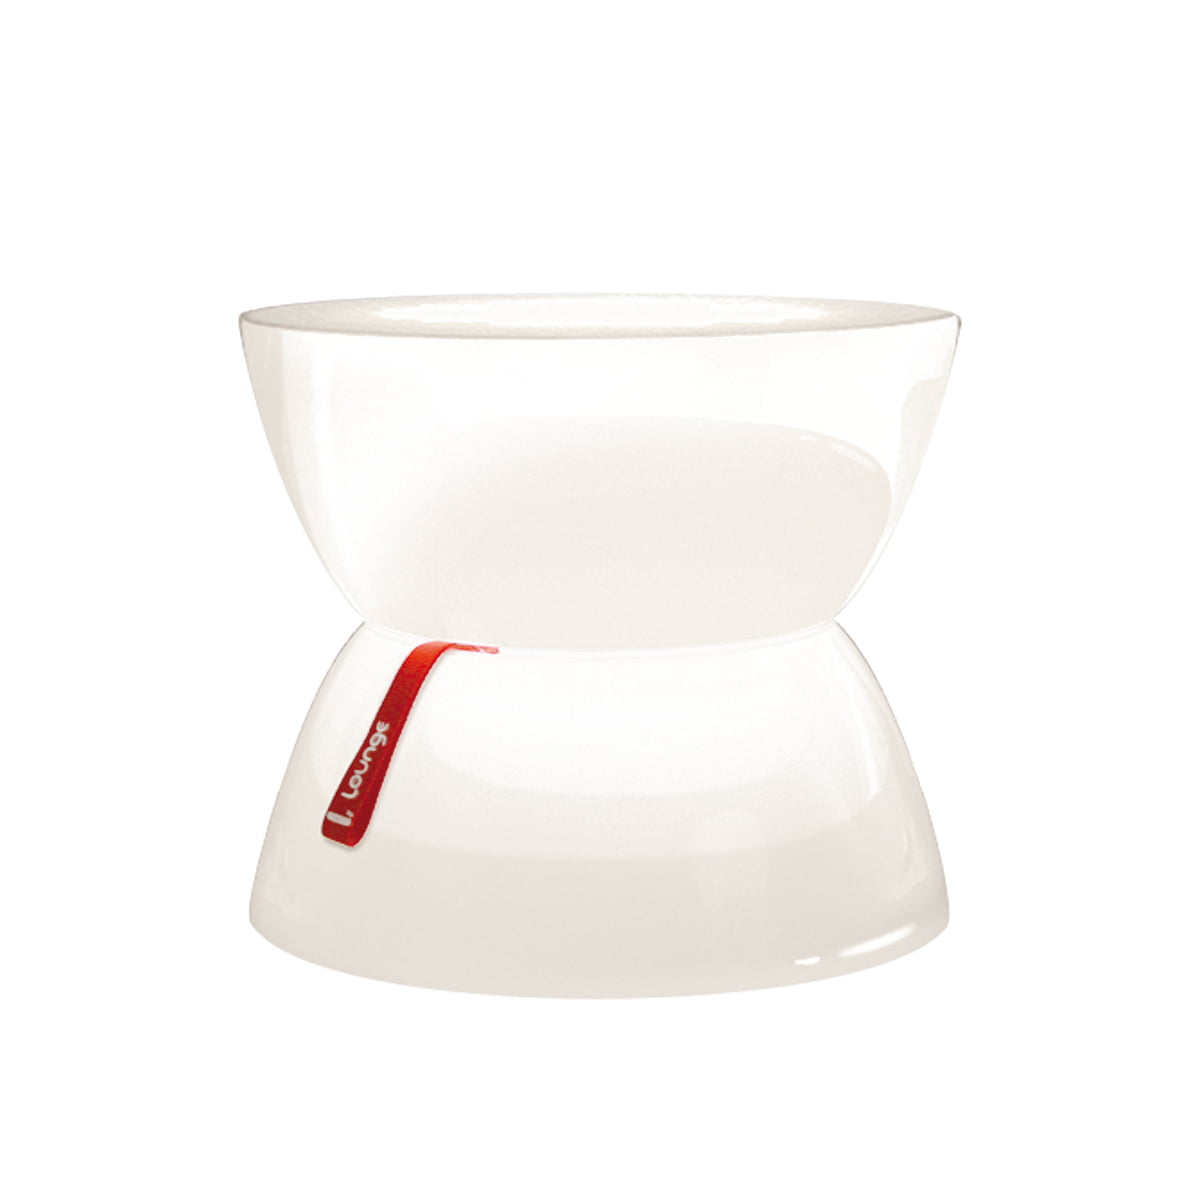 Lounge Tisch Mini, transluzent-weiß